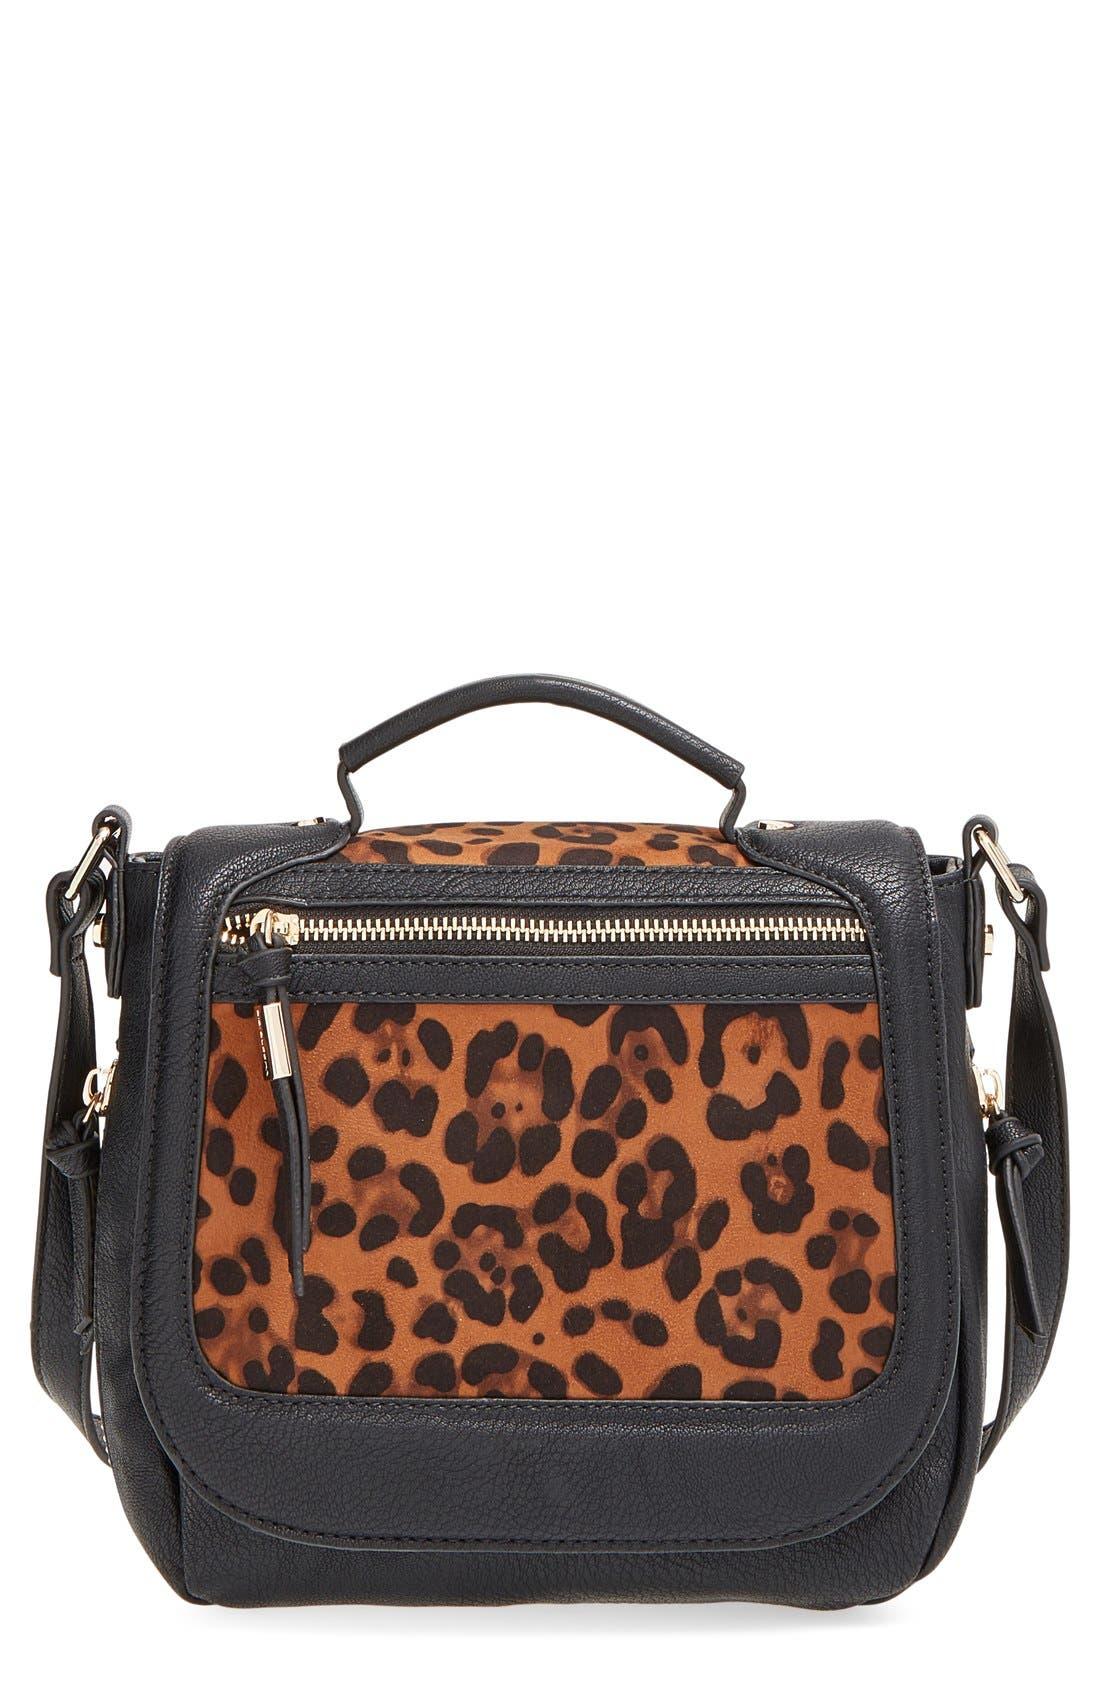 Main Image - Big Buddha 'ZJane' Faux Leather Crossbody Flap Bag